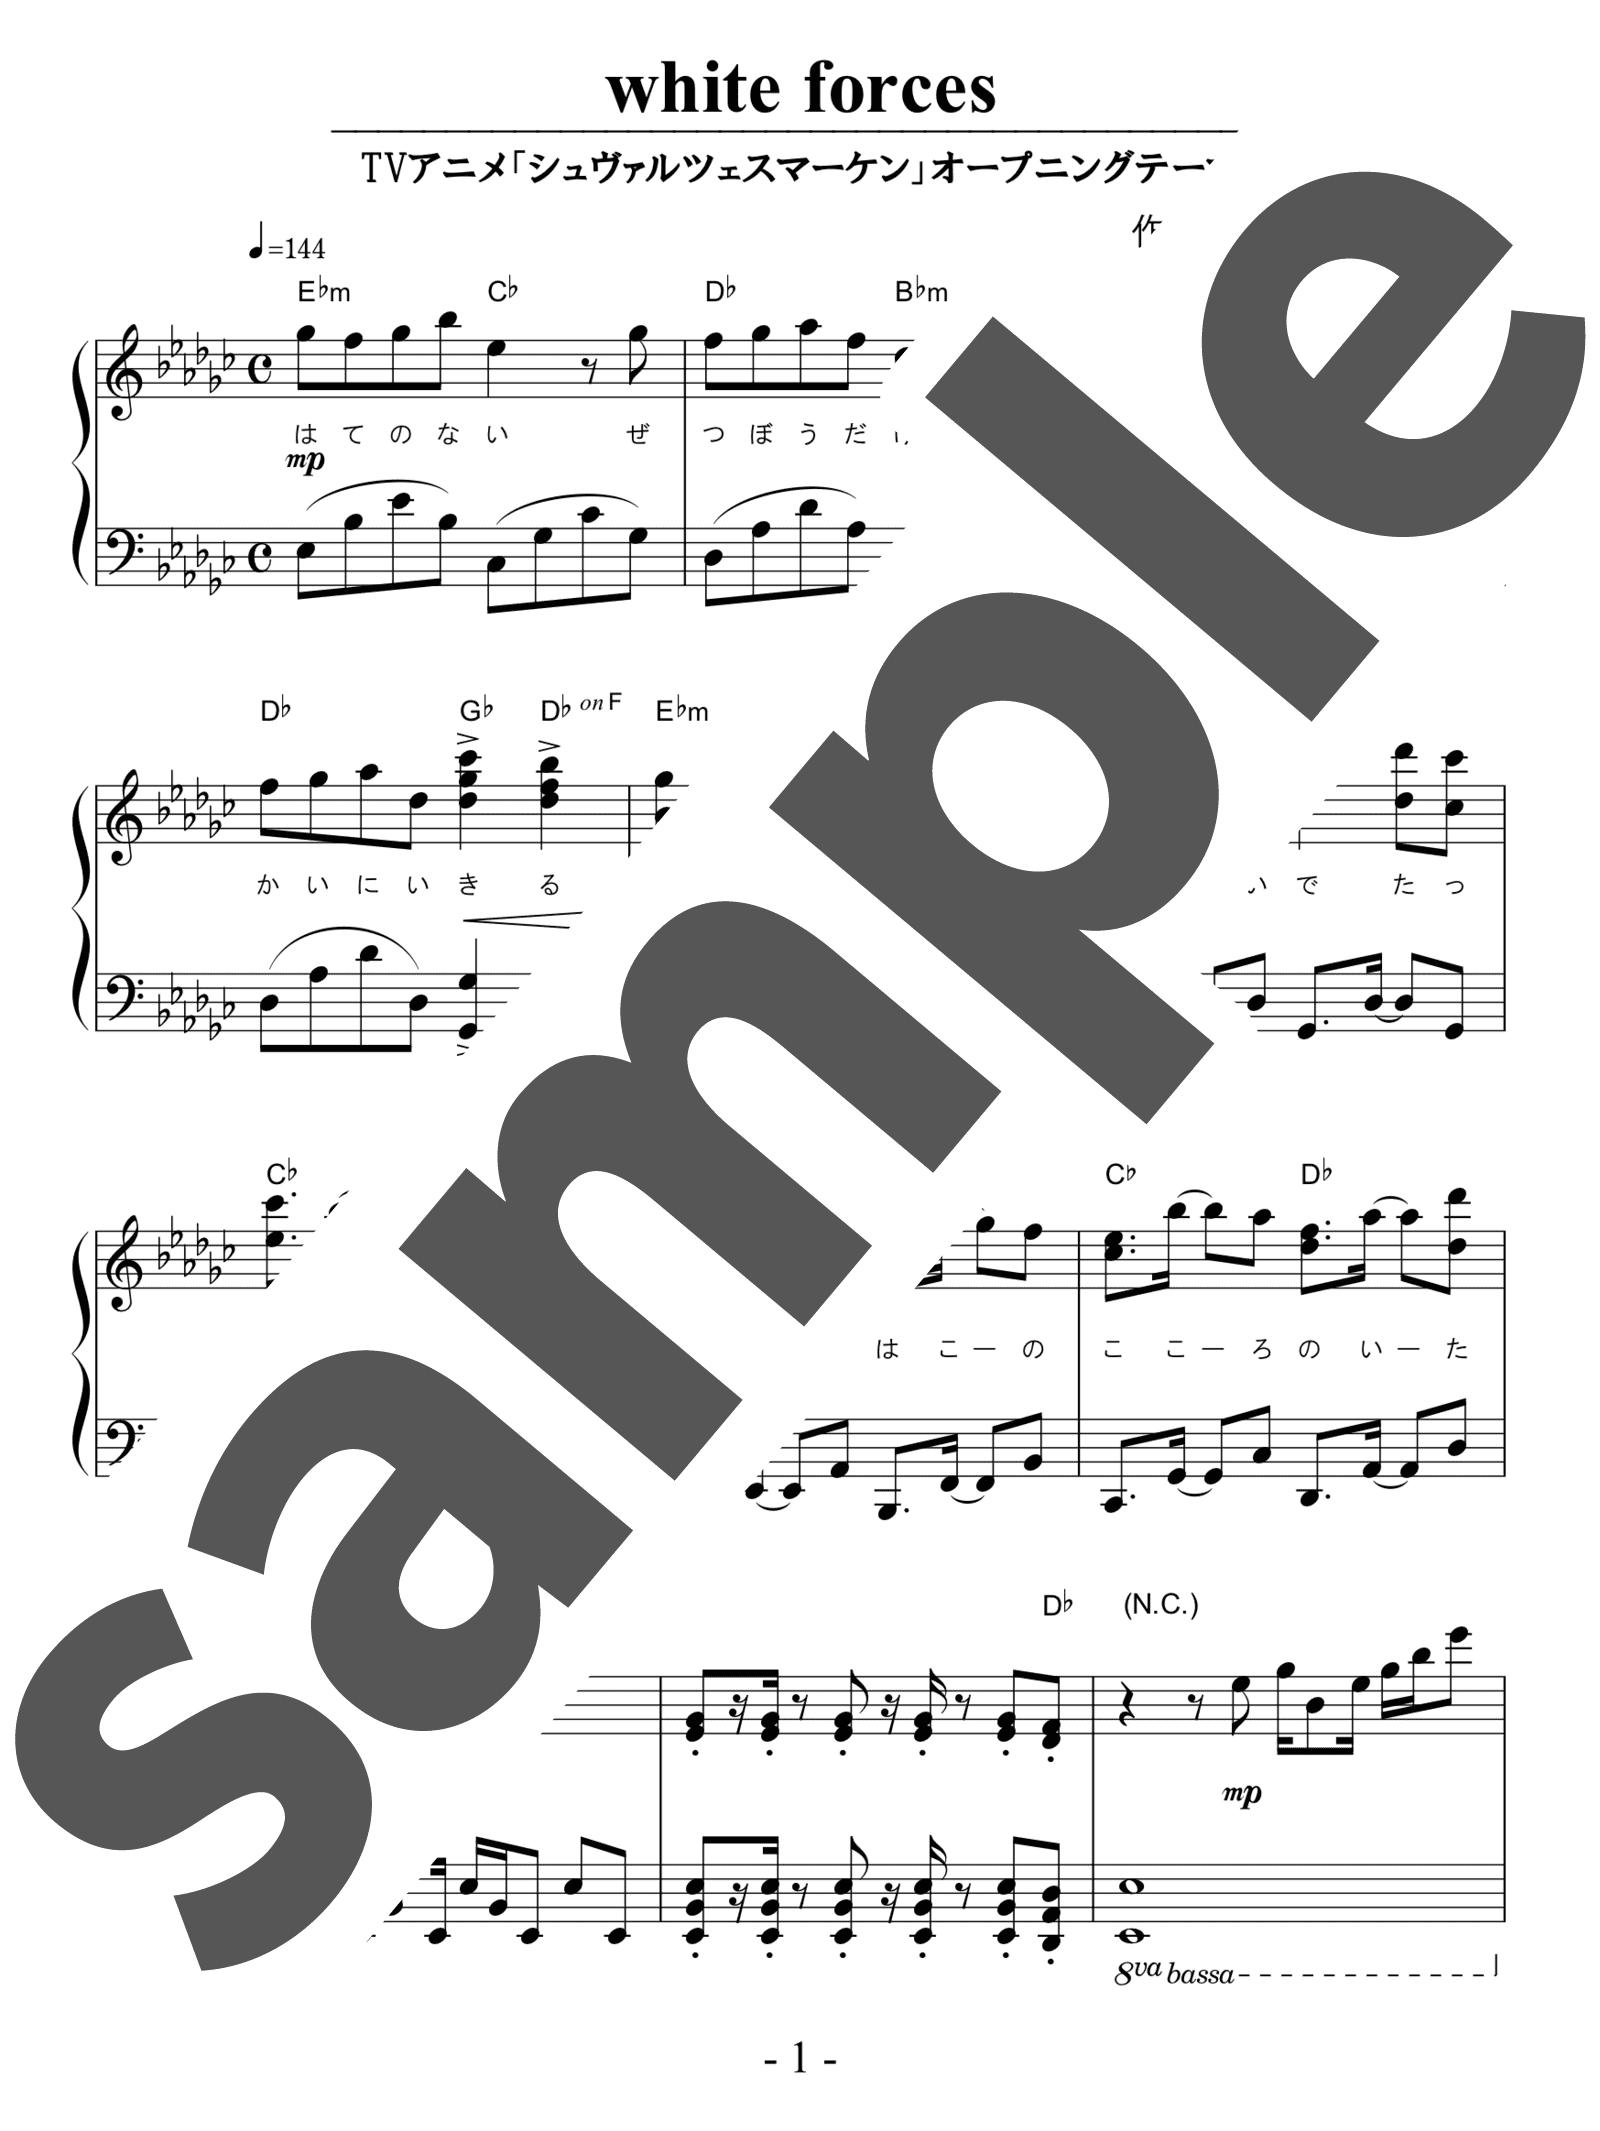 「white forces」のサンプル楽譜